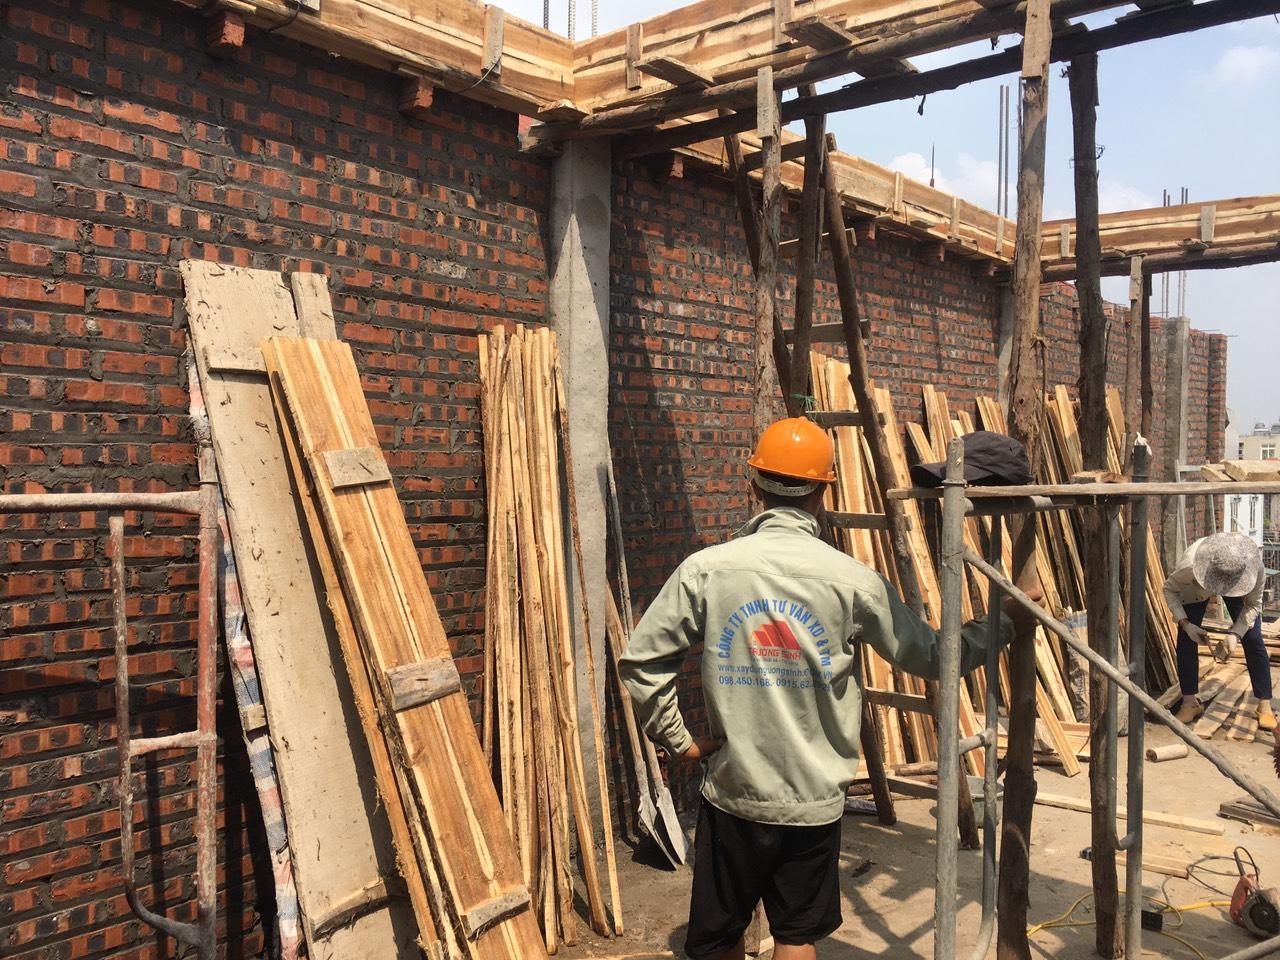 báo giá xây nhà trọn gói 2020 quận Cầu Giấy, Hà Nội 3